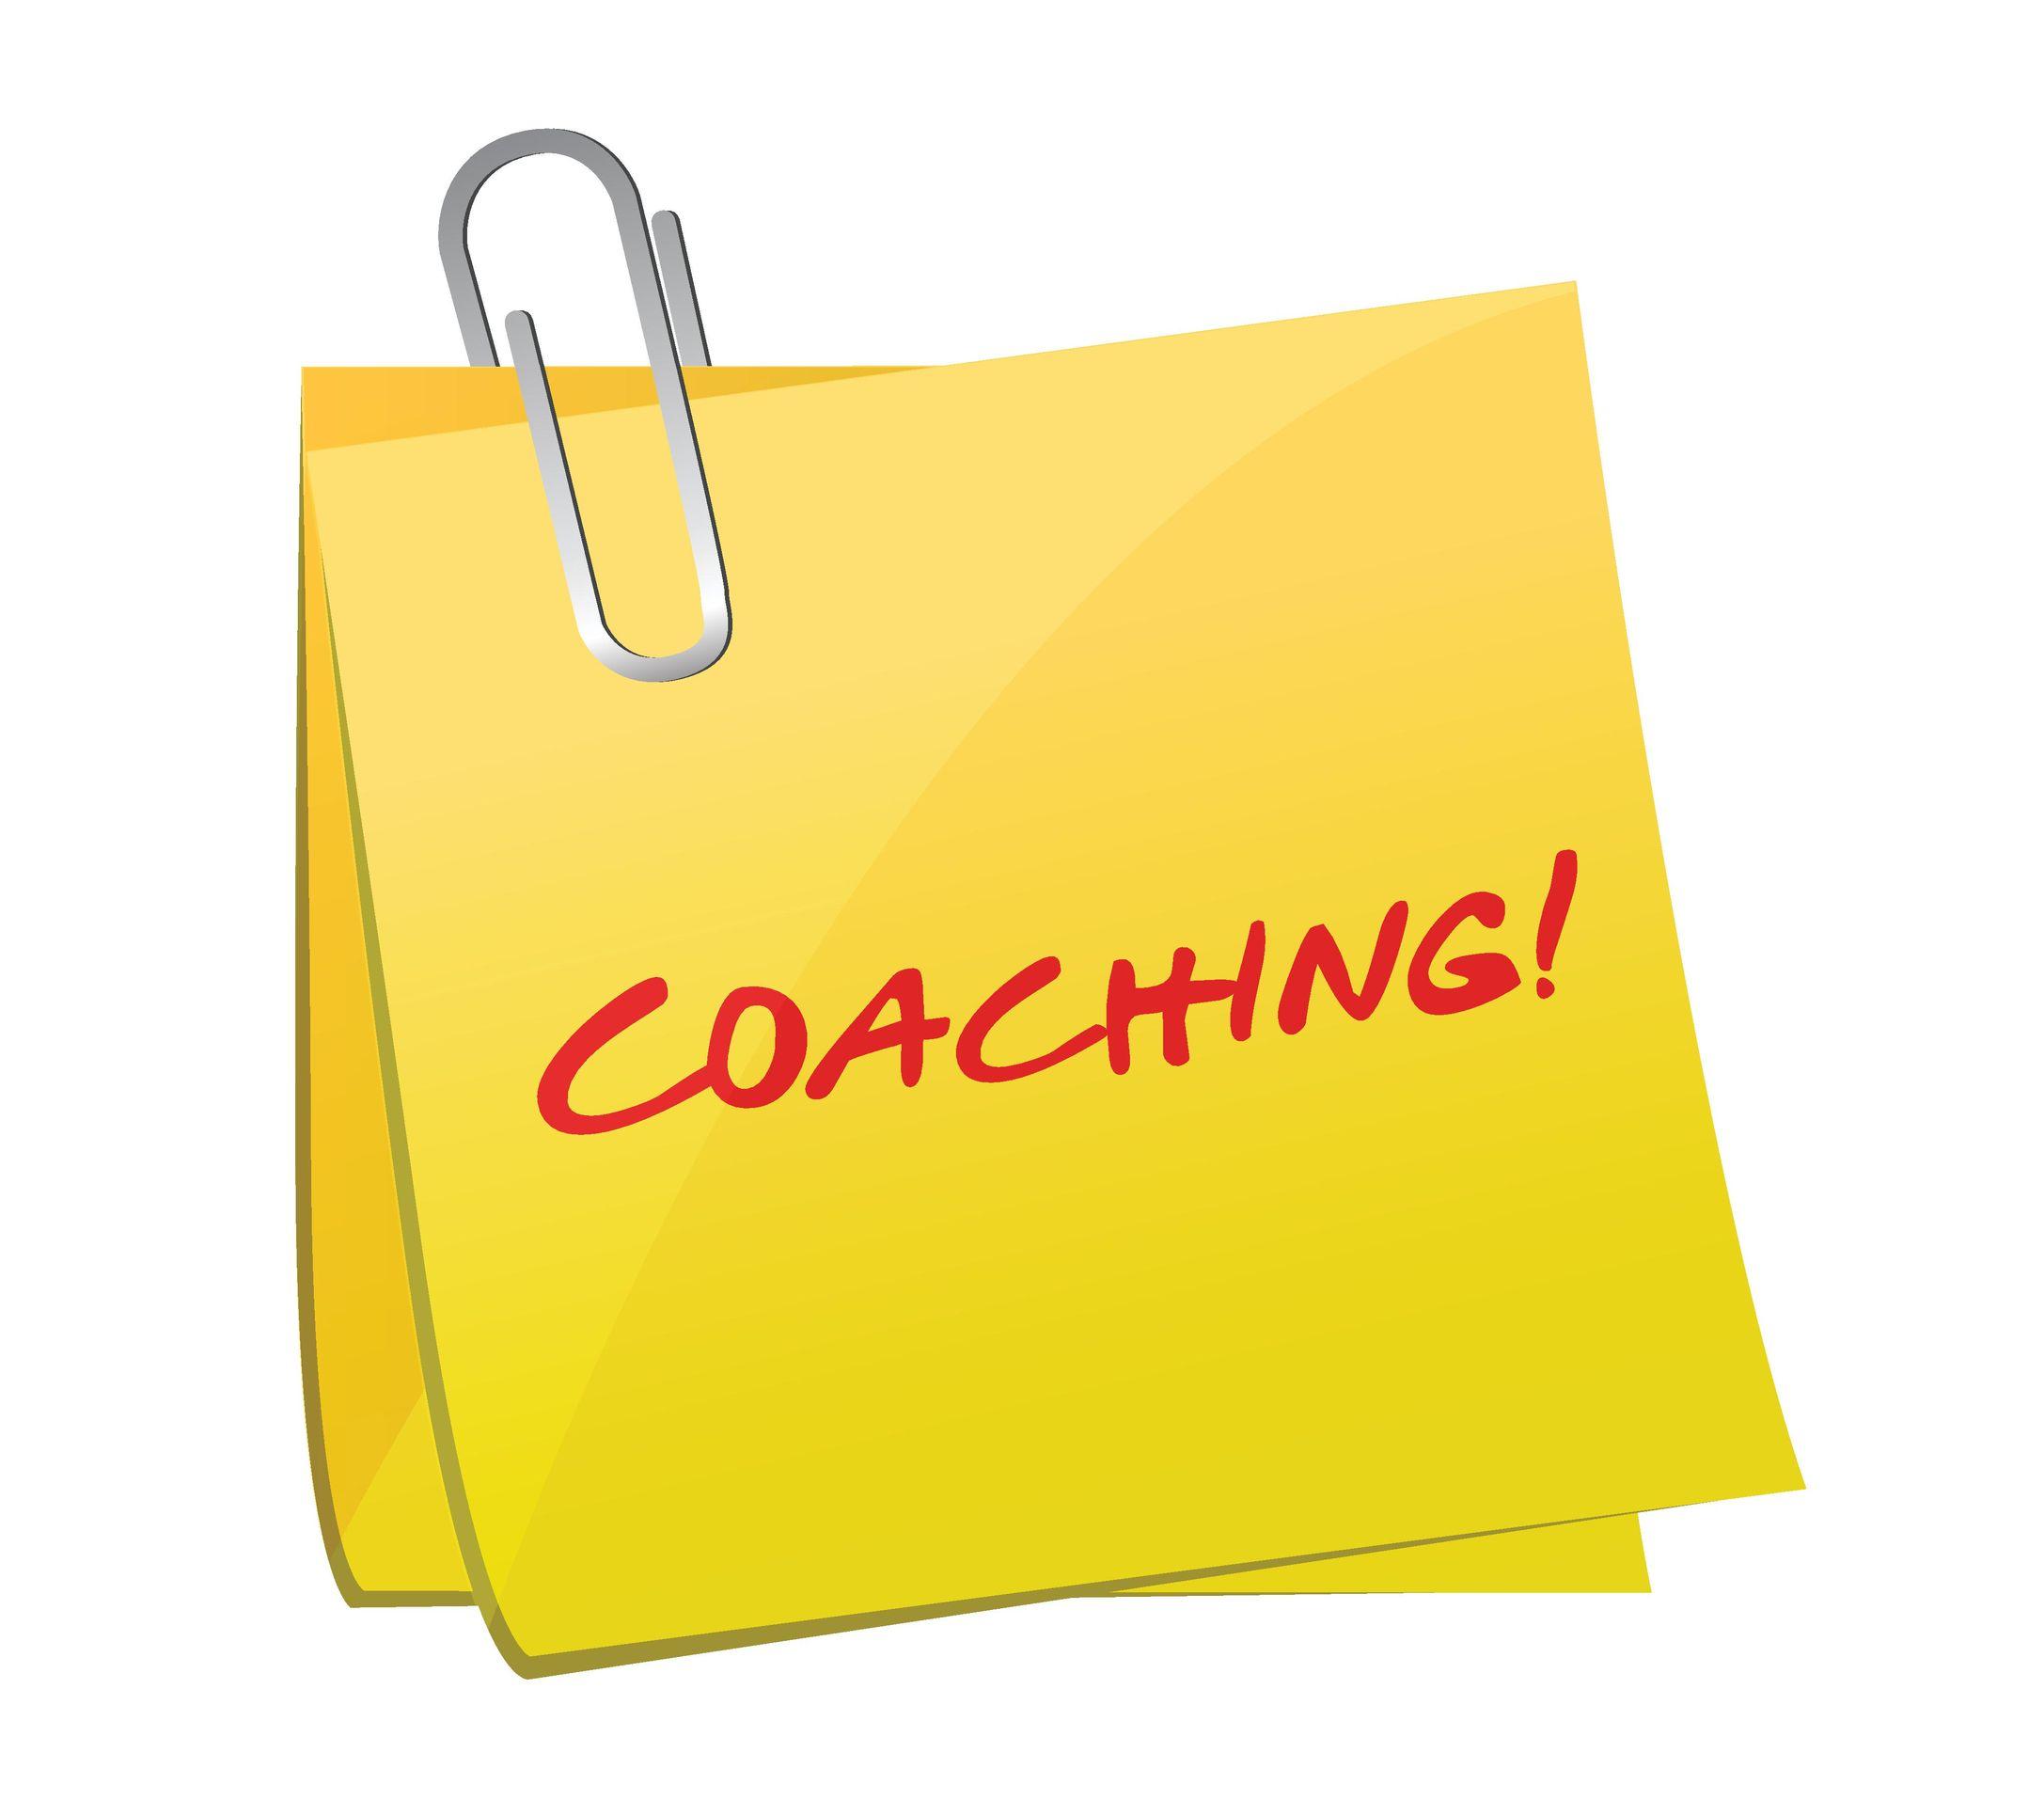 coaching-postit